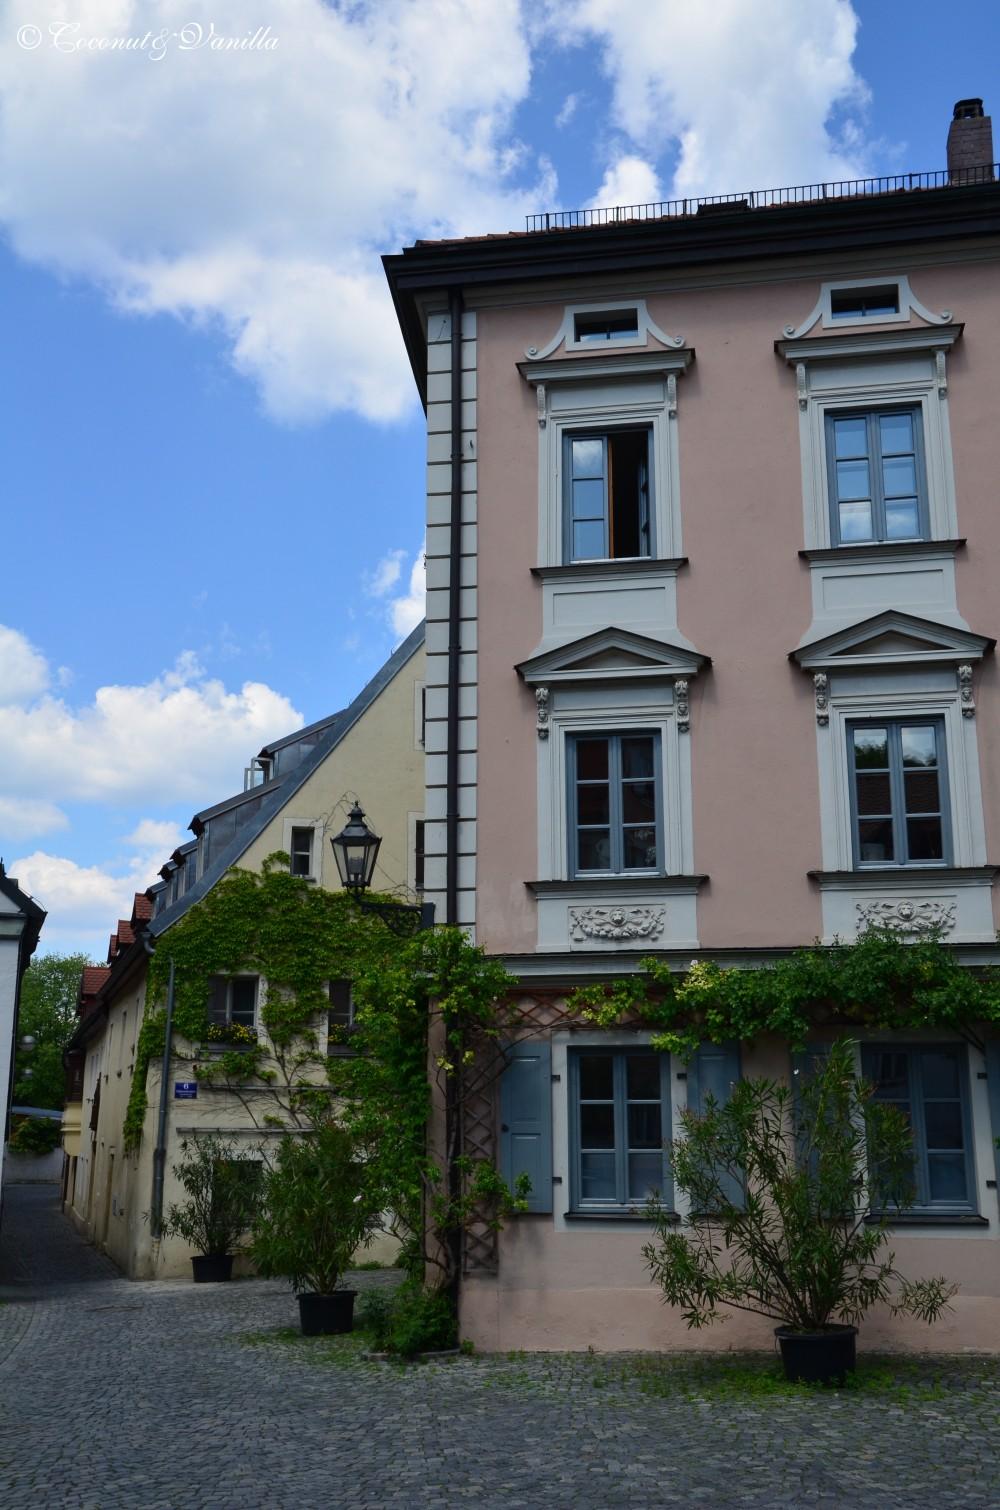 Eindruck von Regensburg